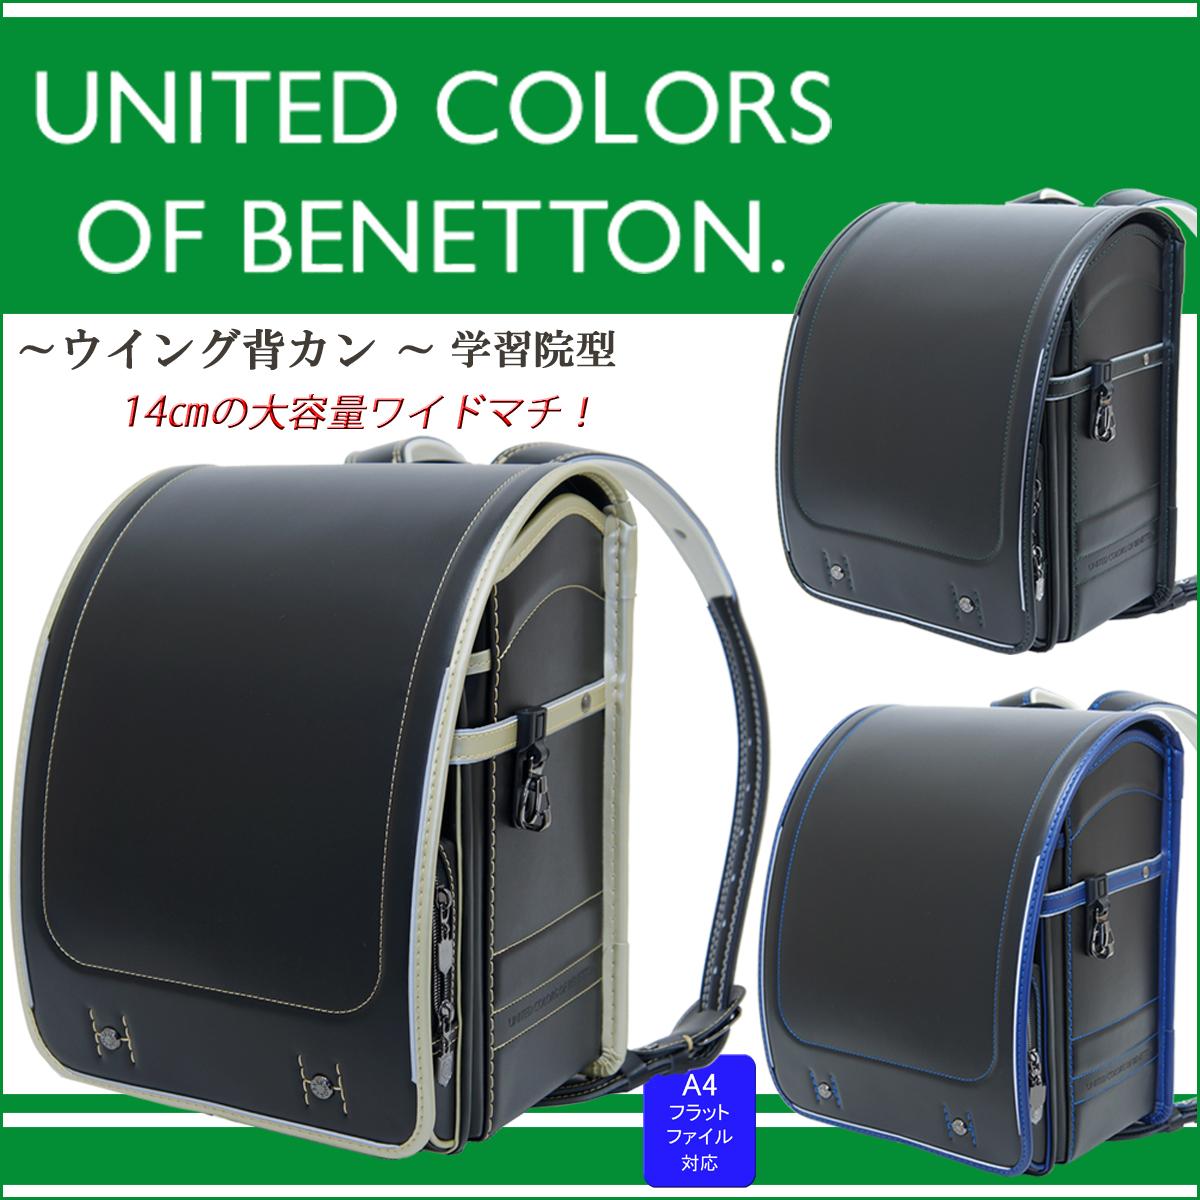 2019年度 ランドセル 男の子 ボーイズ BENETTON ベネトンワイド 14cmマチ 学習院型 ウイング背カン スーパータフガード 1BE0550C